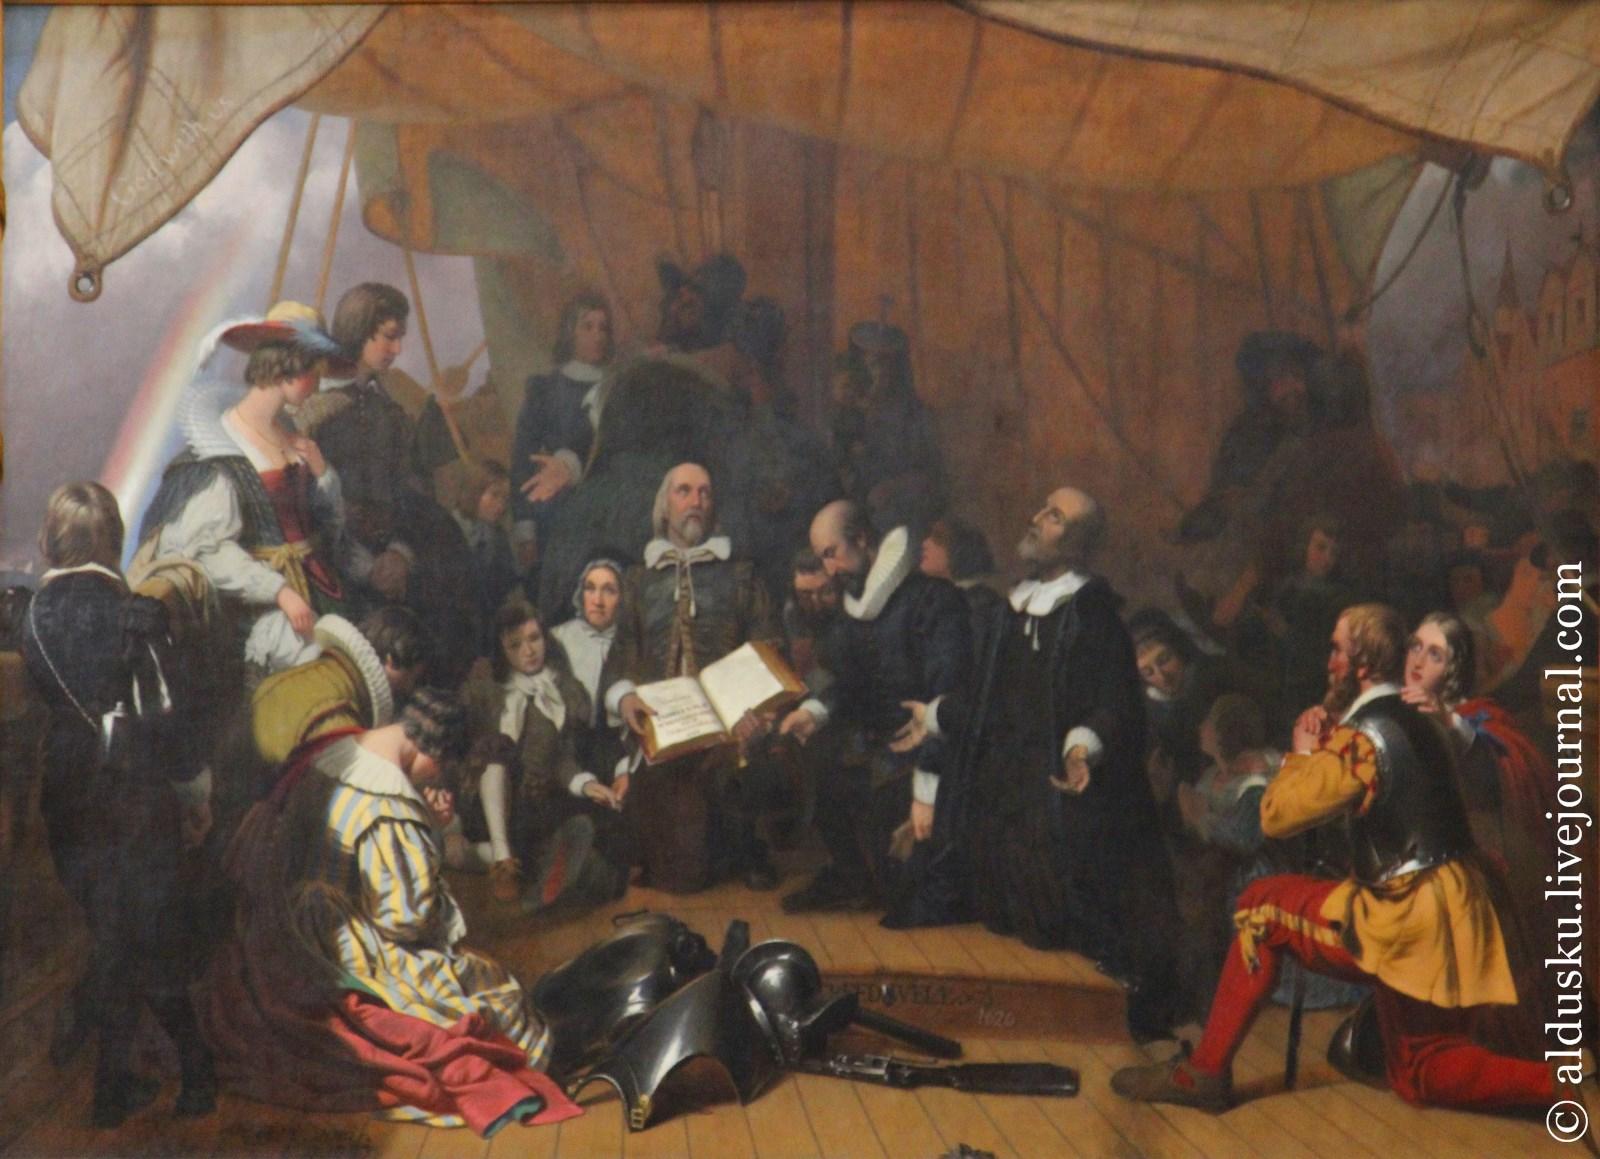 Роберт Уолтер Уир (Robert Walter Weir 1803-1889) Посадка Паломников (1837)